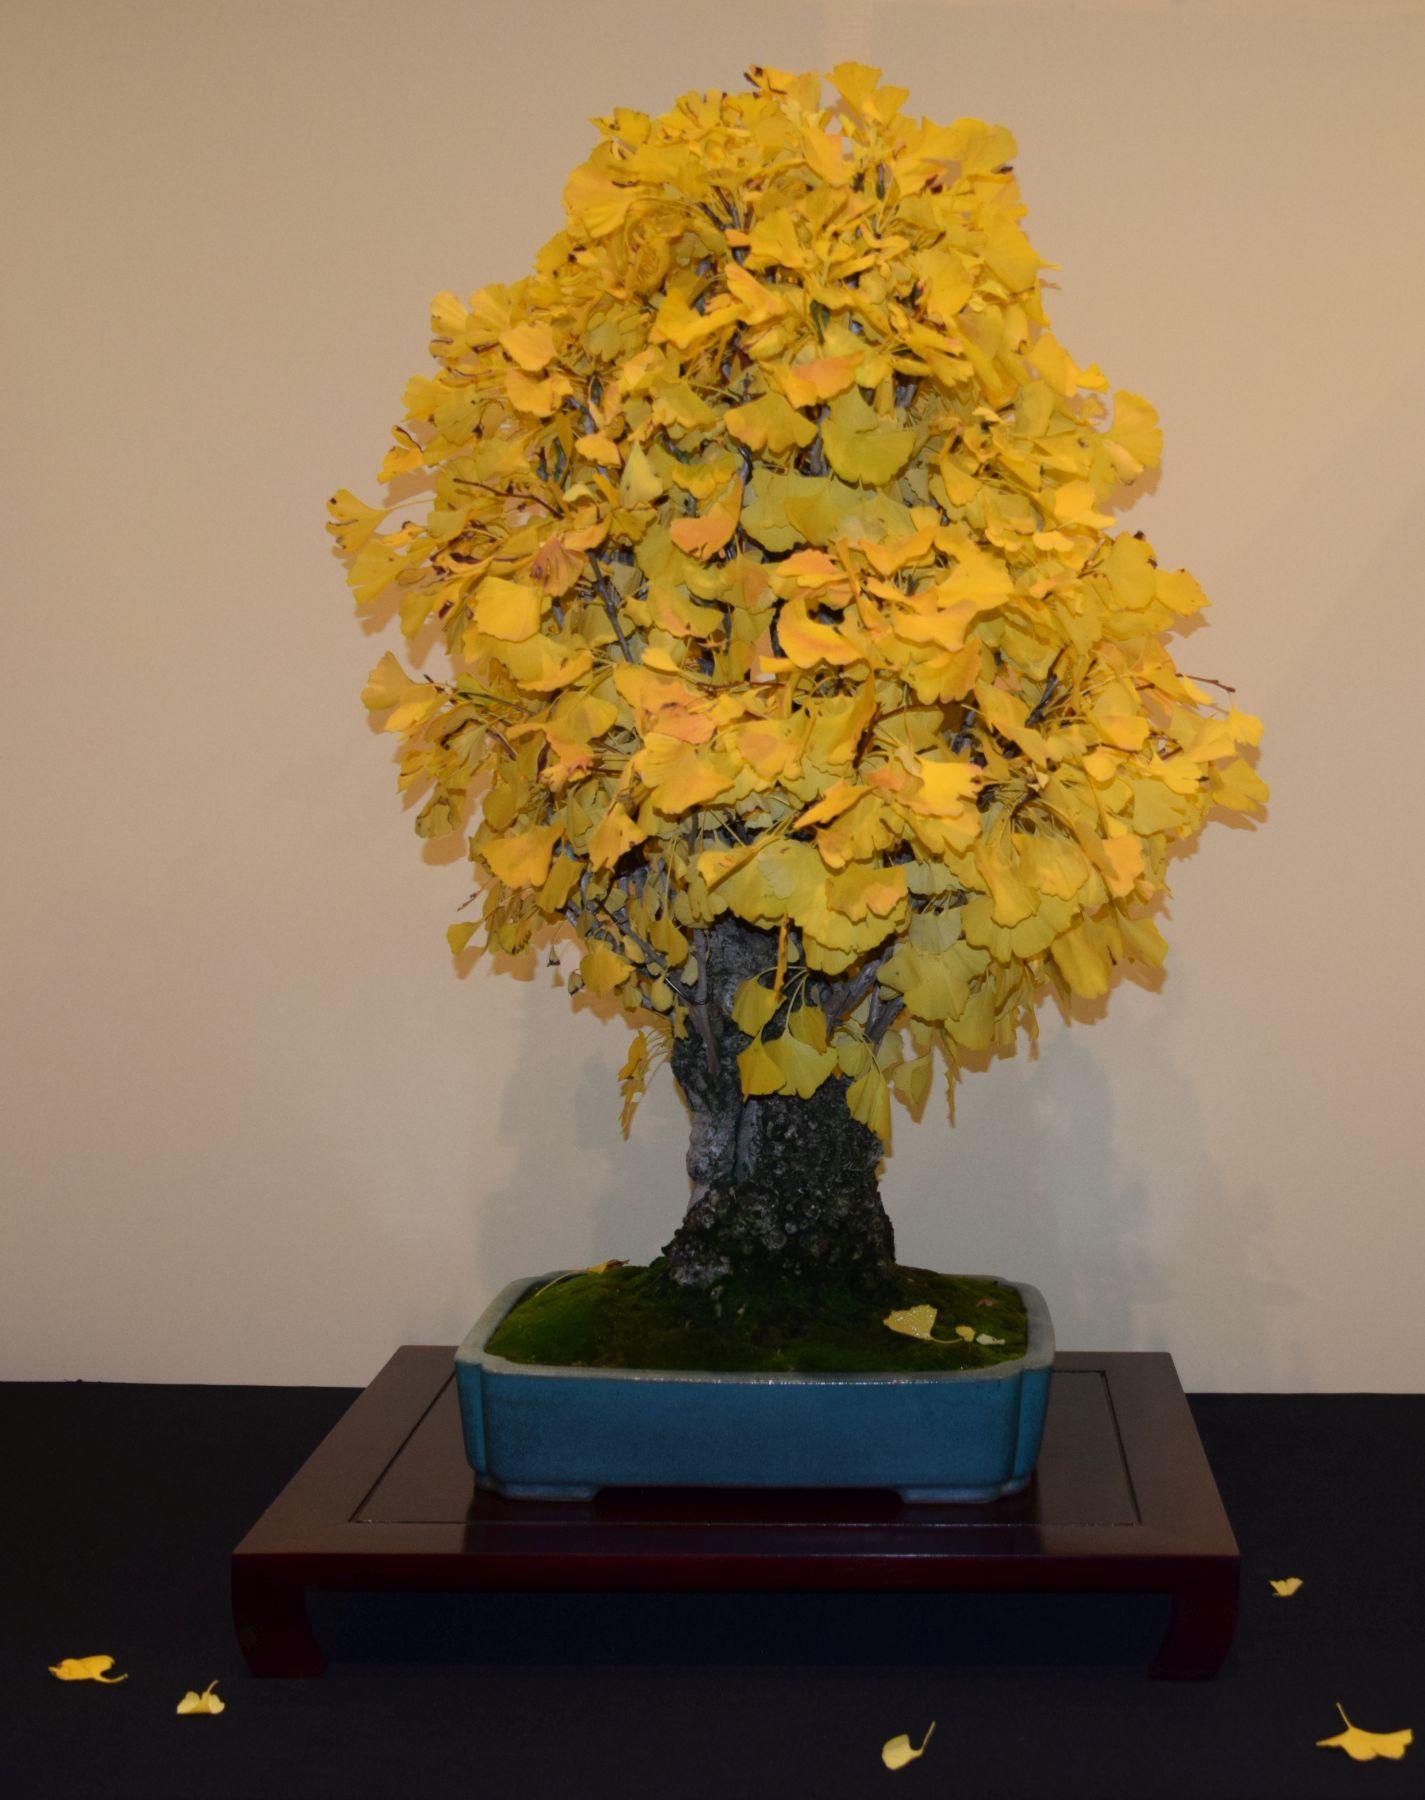 euk-bonsai-ten-2016-jp-polmans-collectie-011